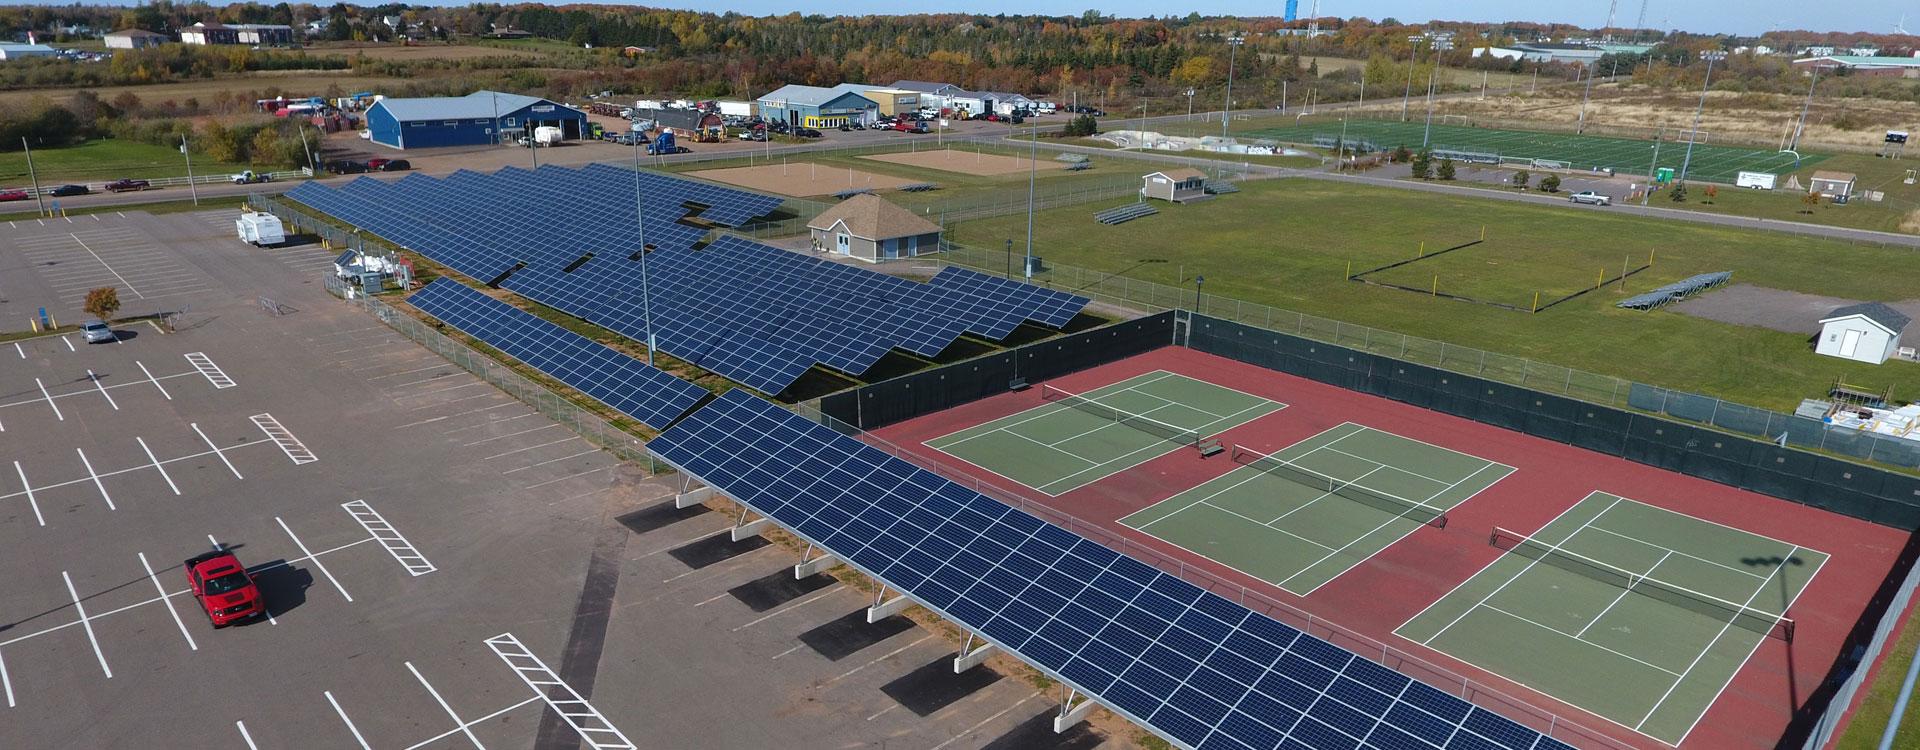 Summerside Solar Farm